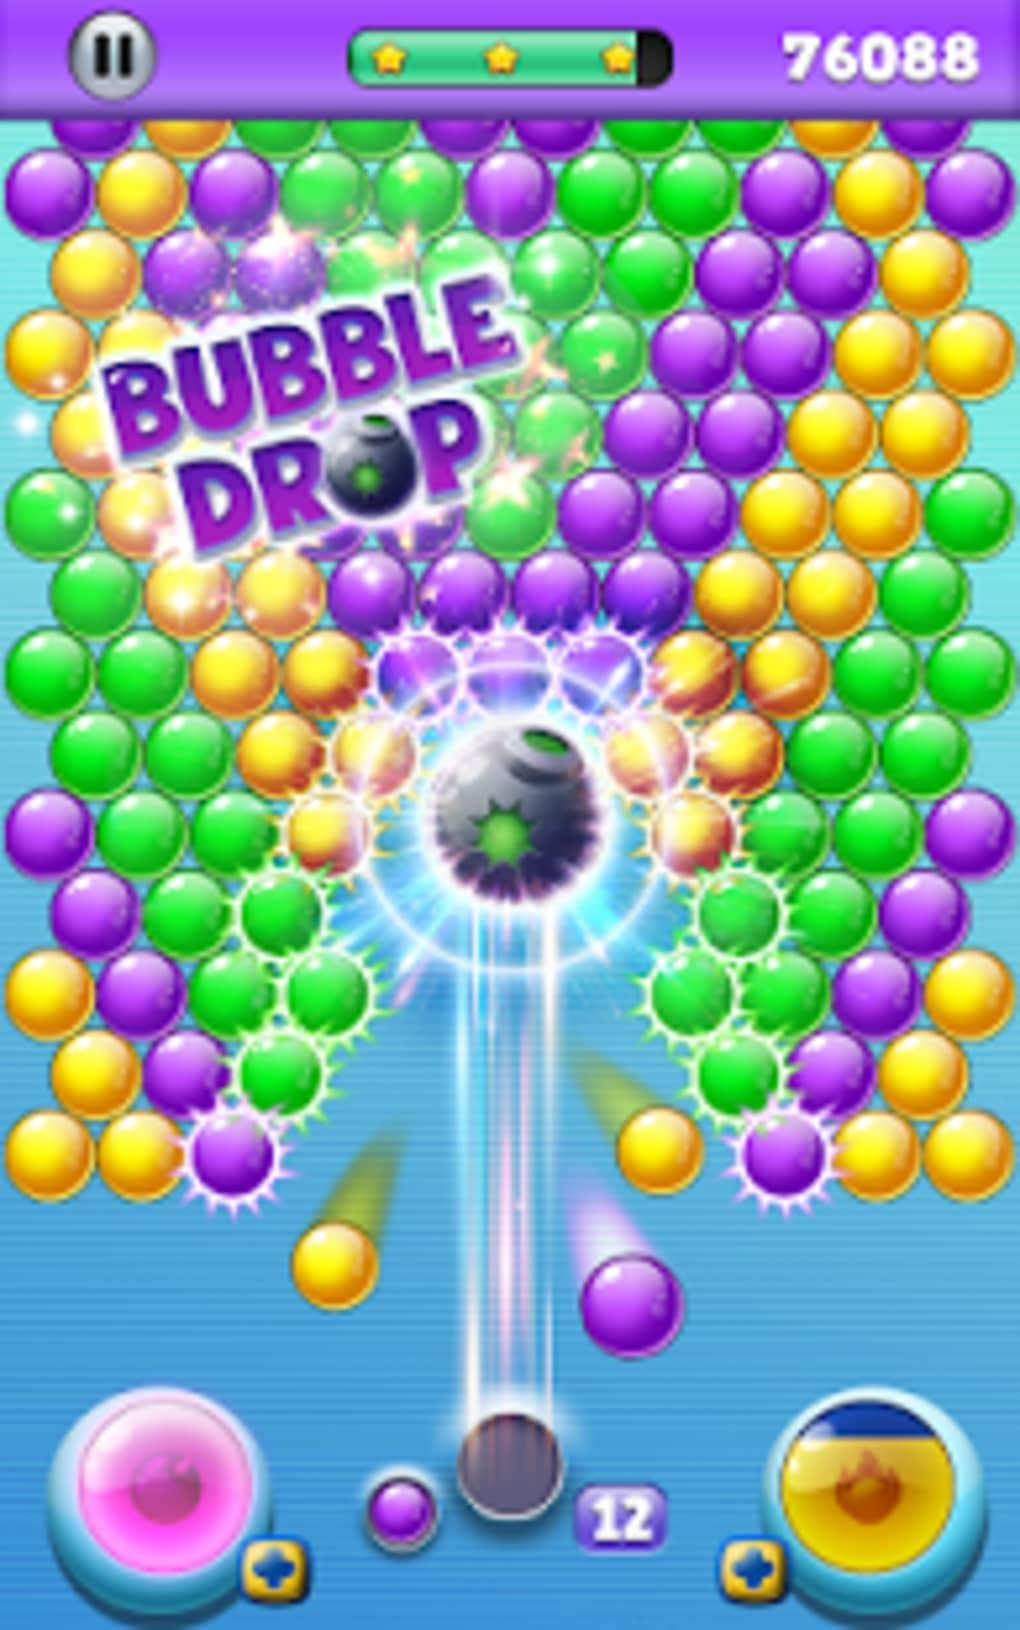 Offline Bubbles Apk Pour Android - Télécharger concernant Jeux Gratuits De Bulles